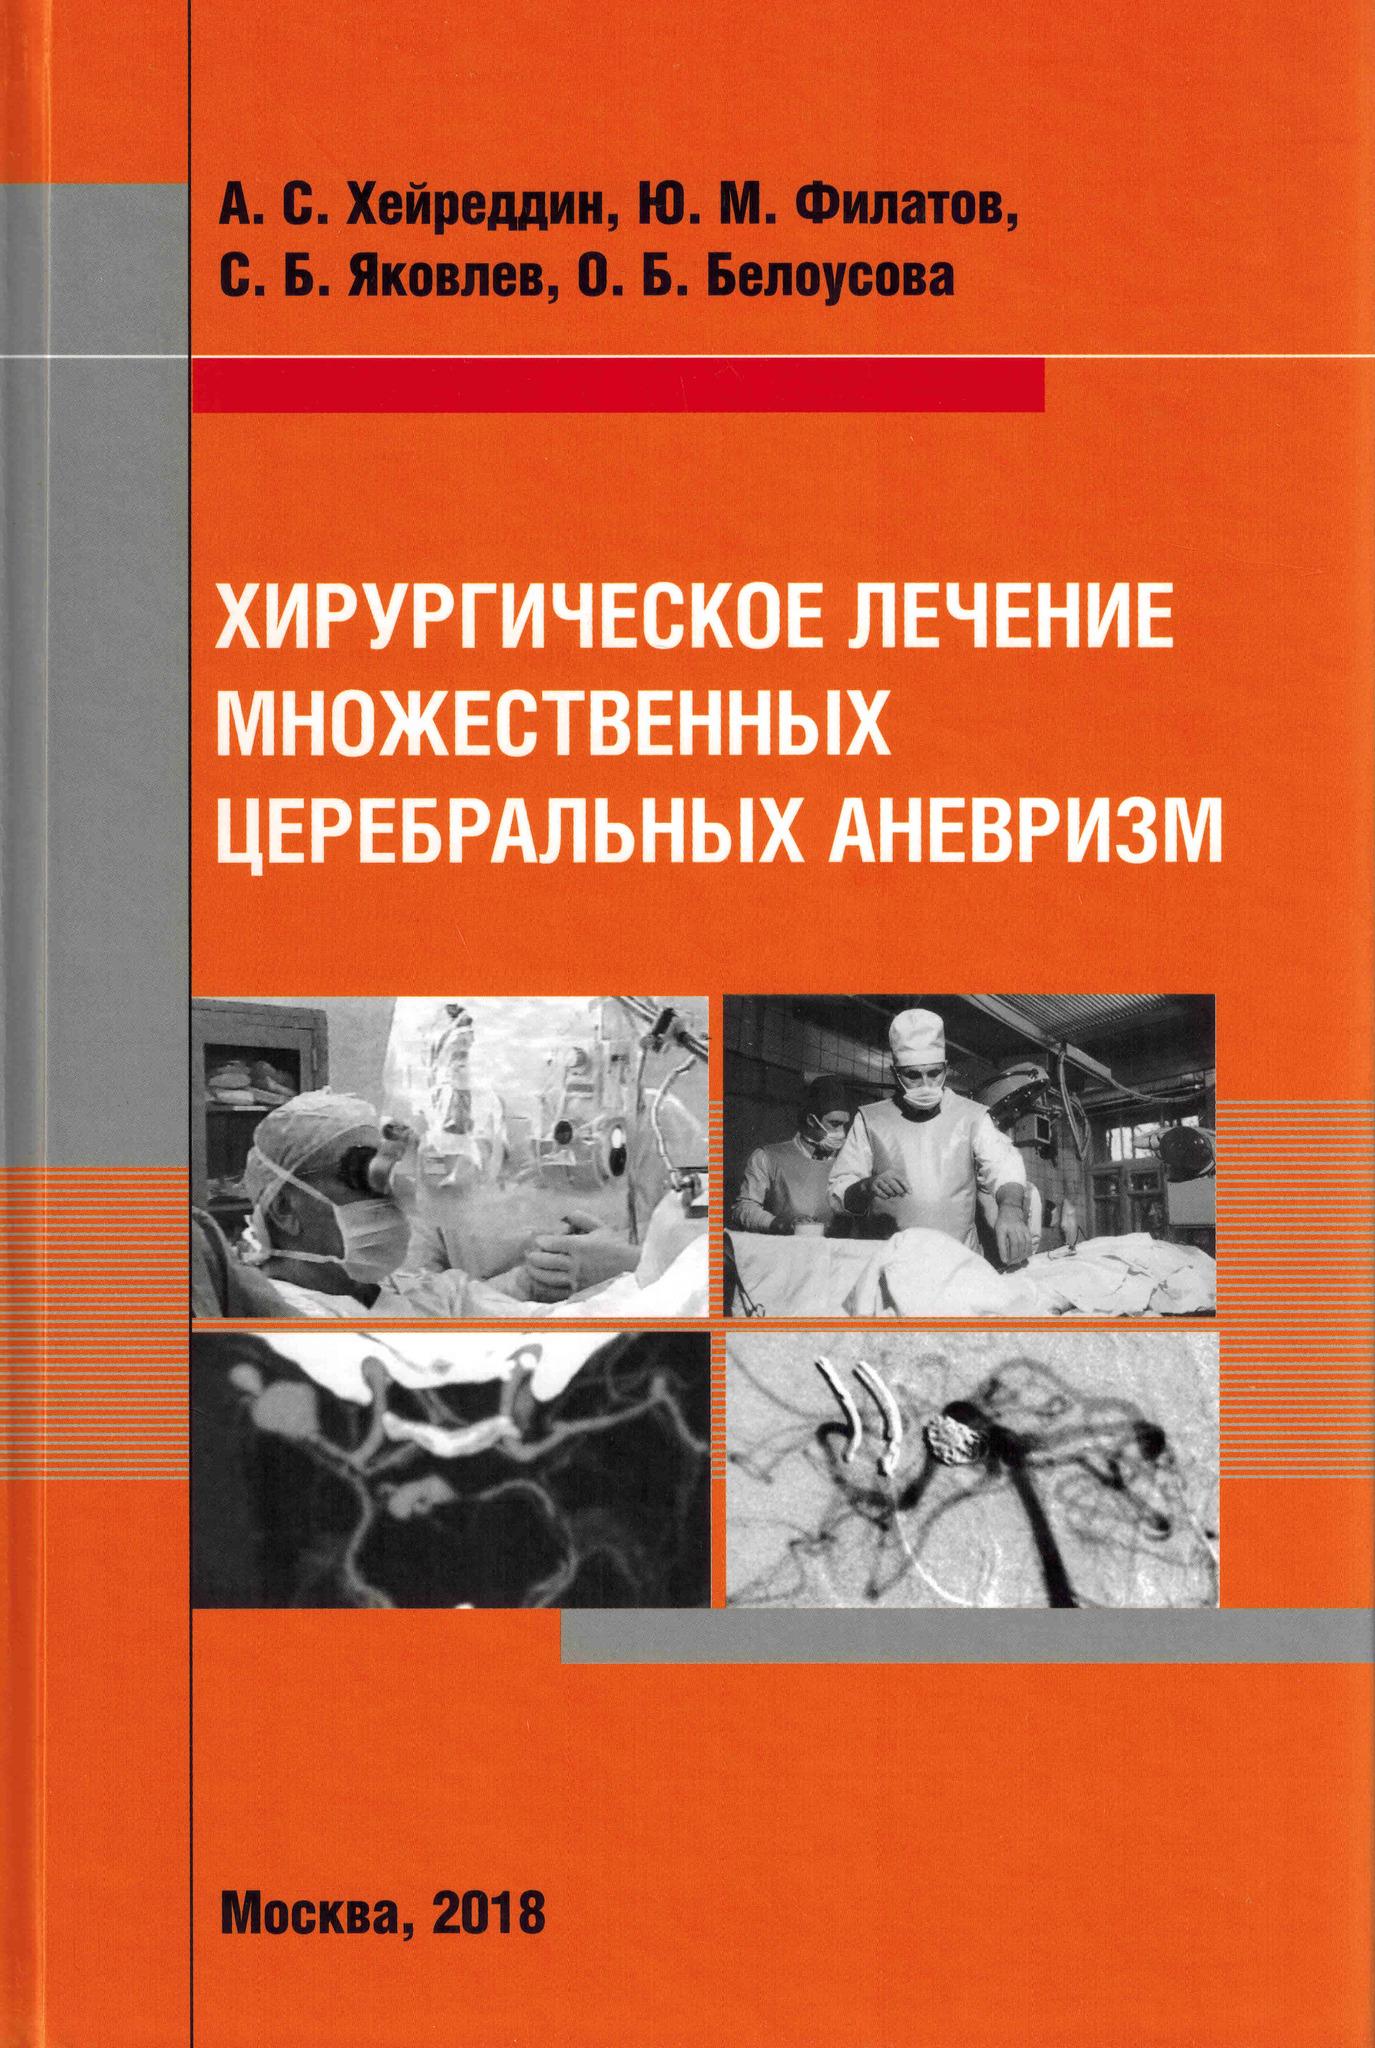 Анестезиология и реанимация Хирургическое лечение множественных церебральных аневризм hir_lech_mnog_cereb.jpg